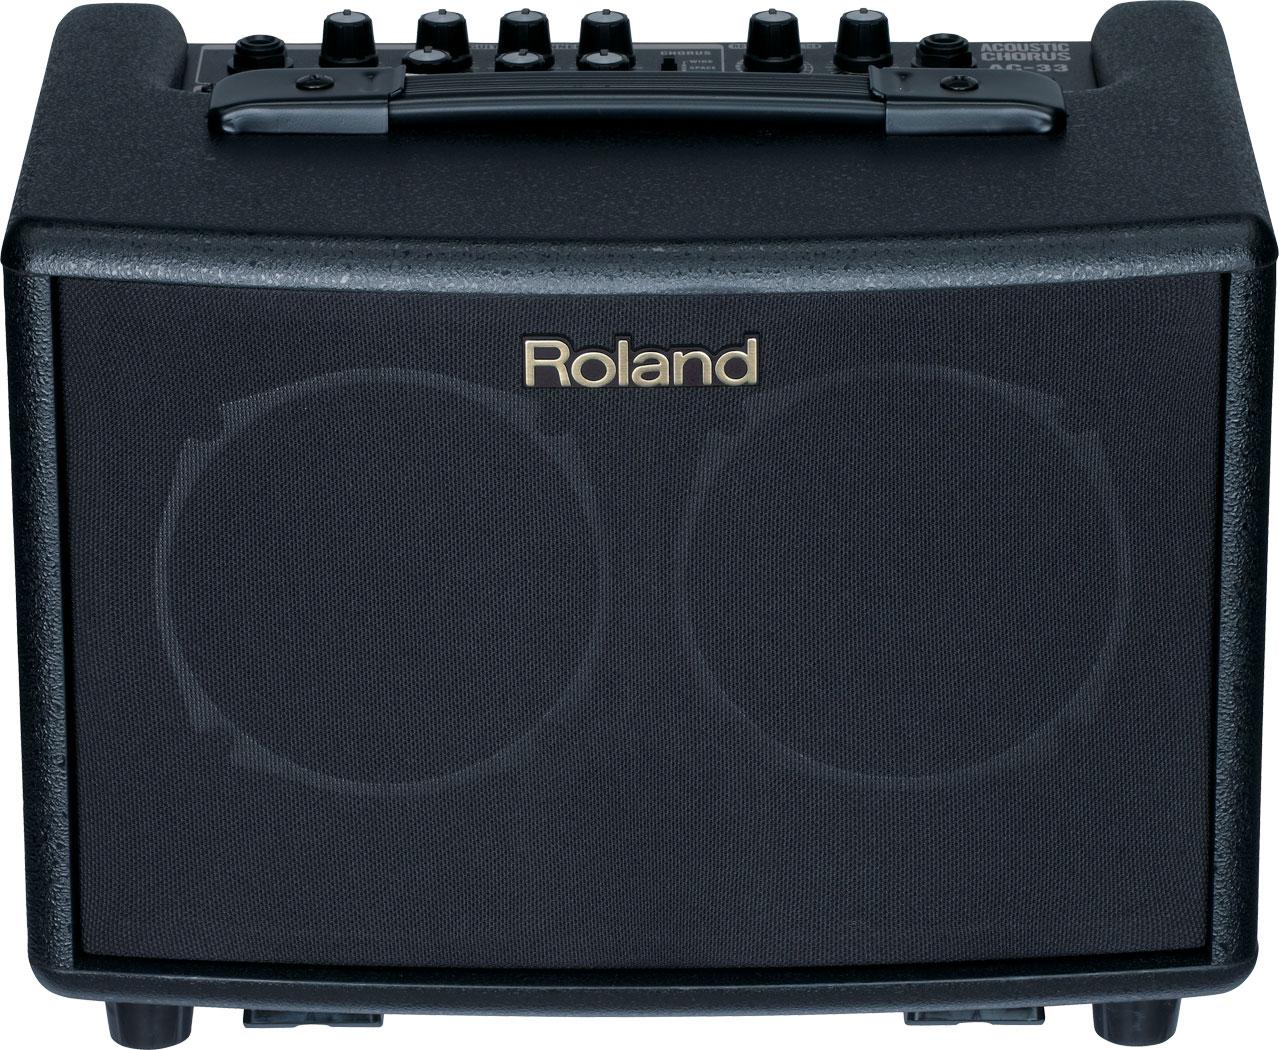 Roland AC33 Acoustic Chorus Guitar Amplifier (Black)